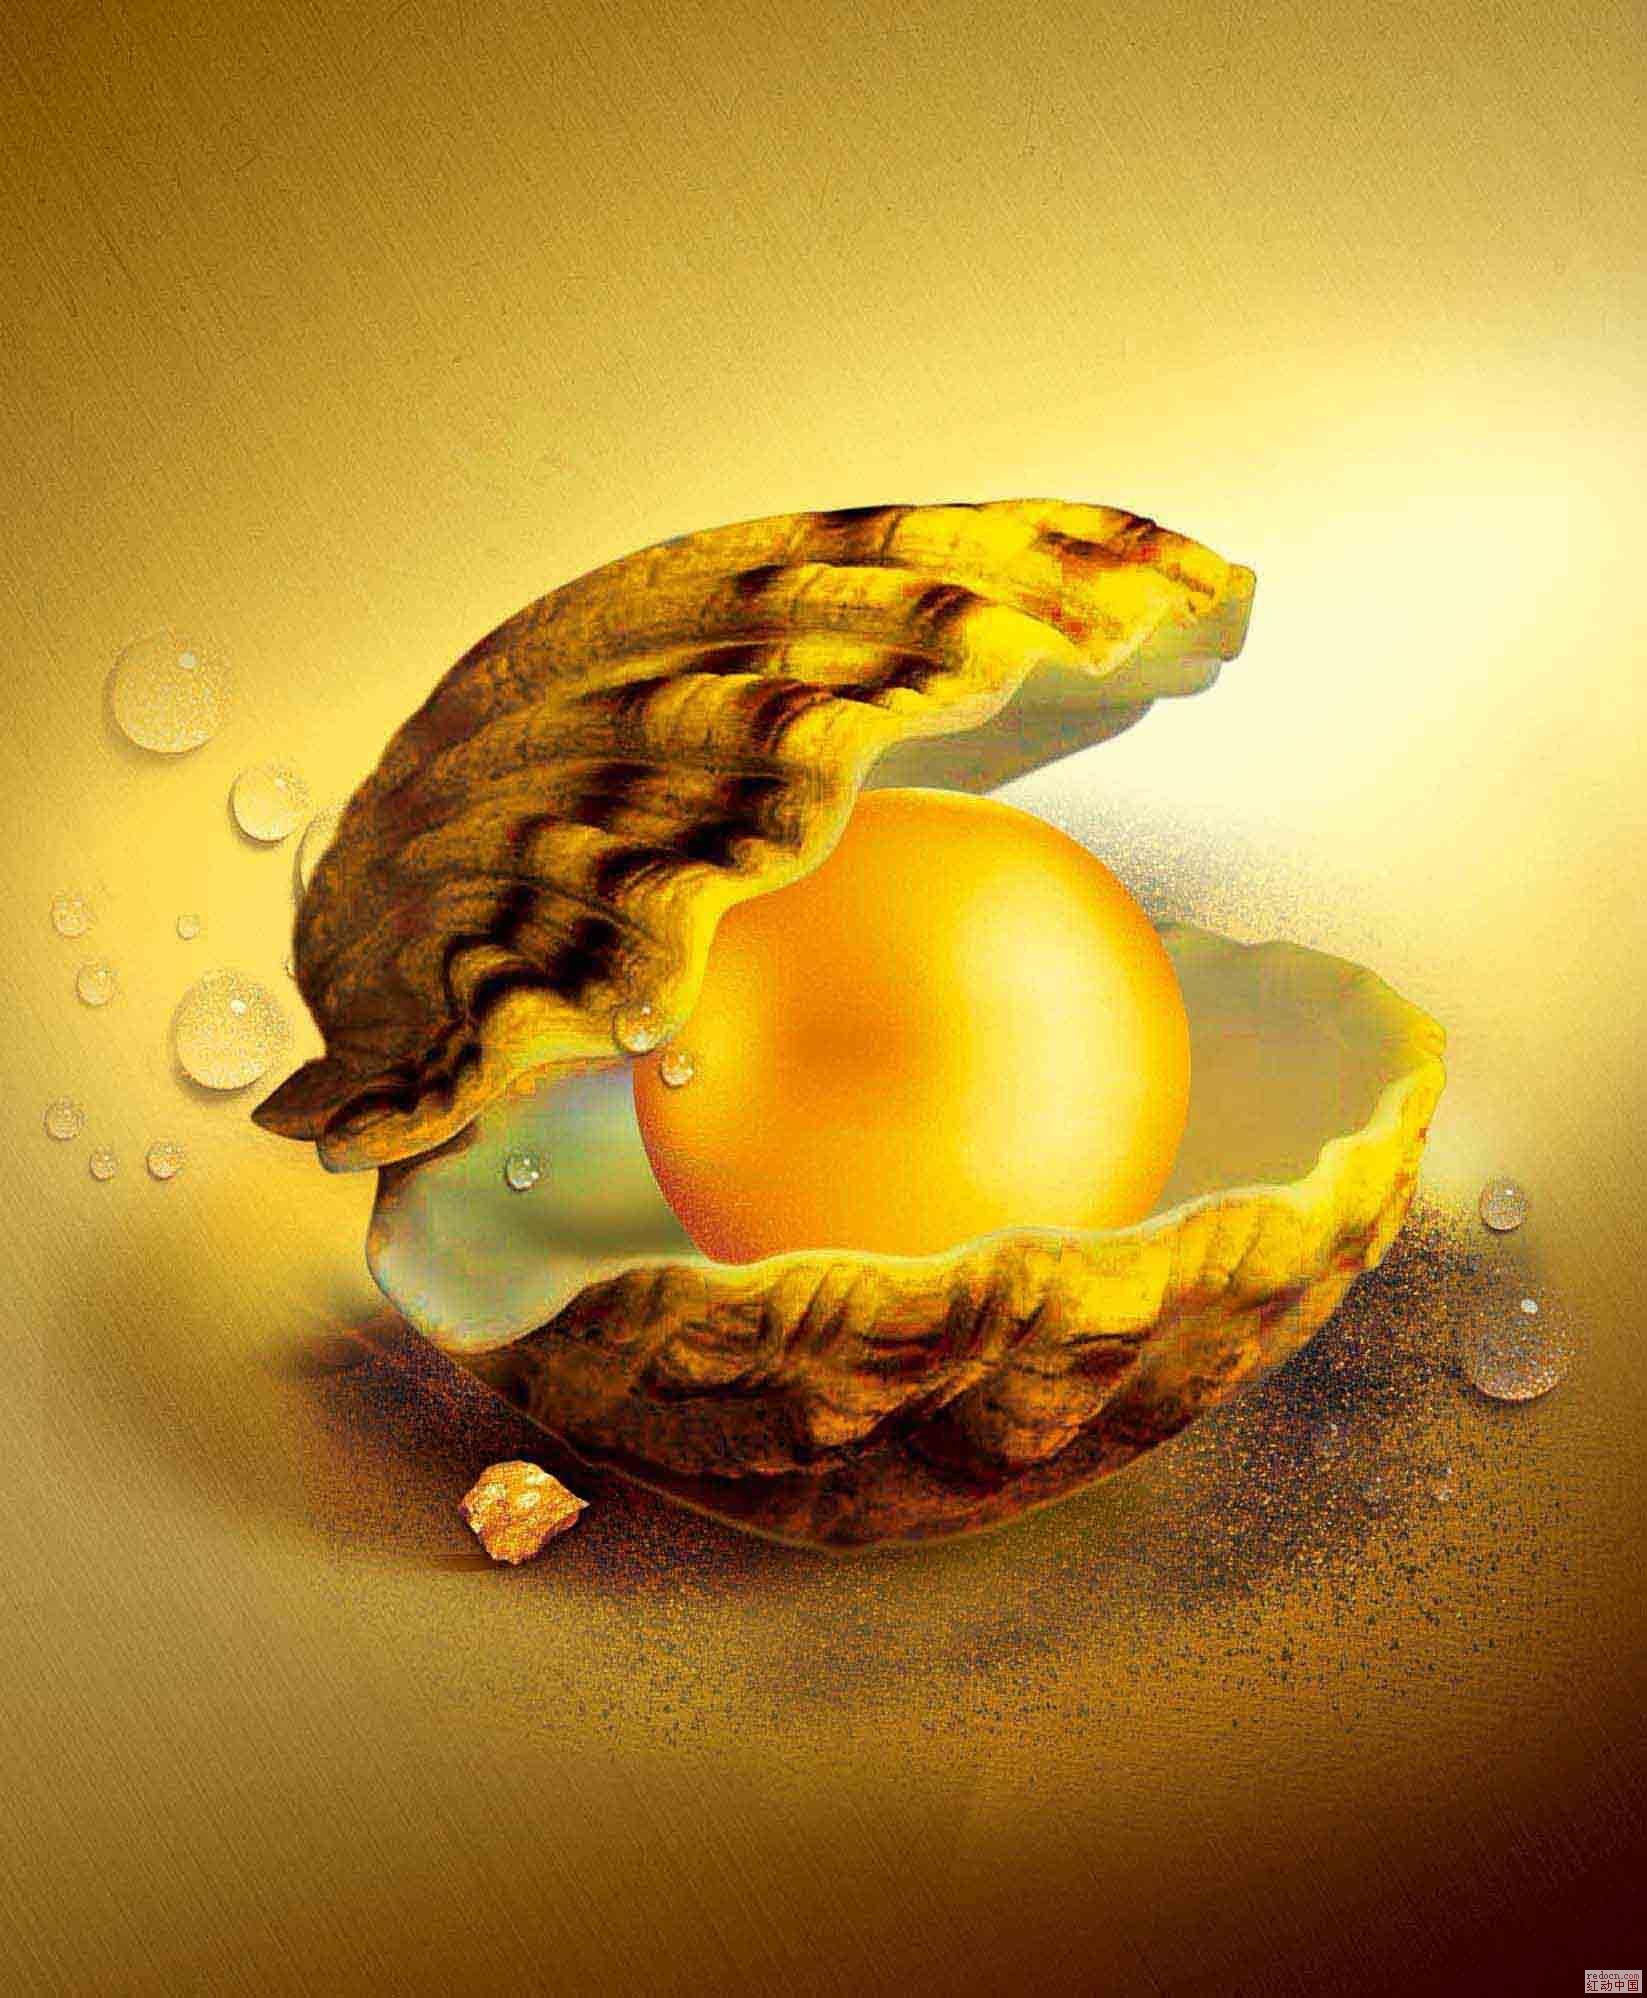 求珍珠蚌比较真实的素材图片